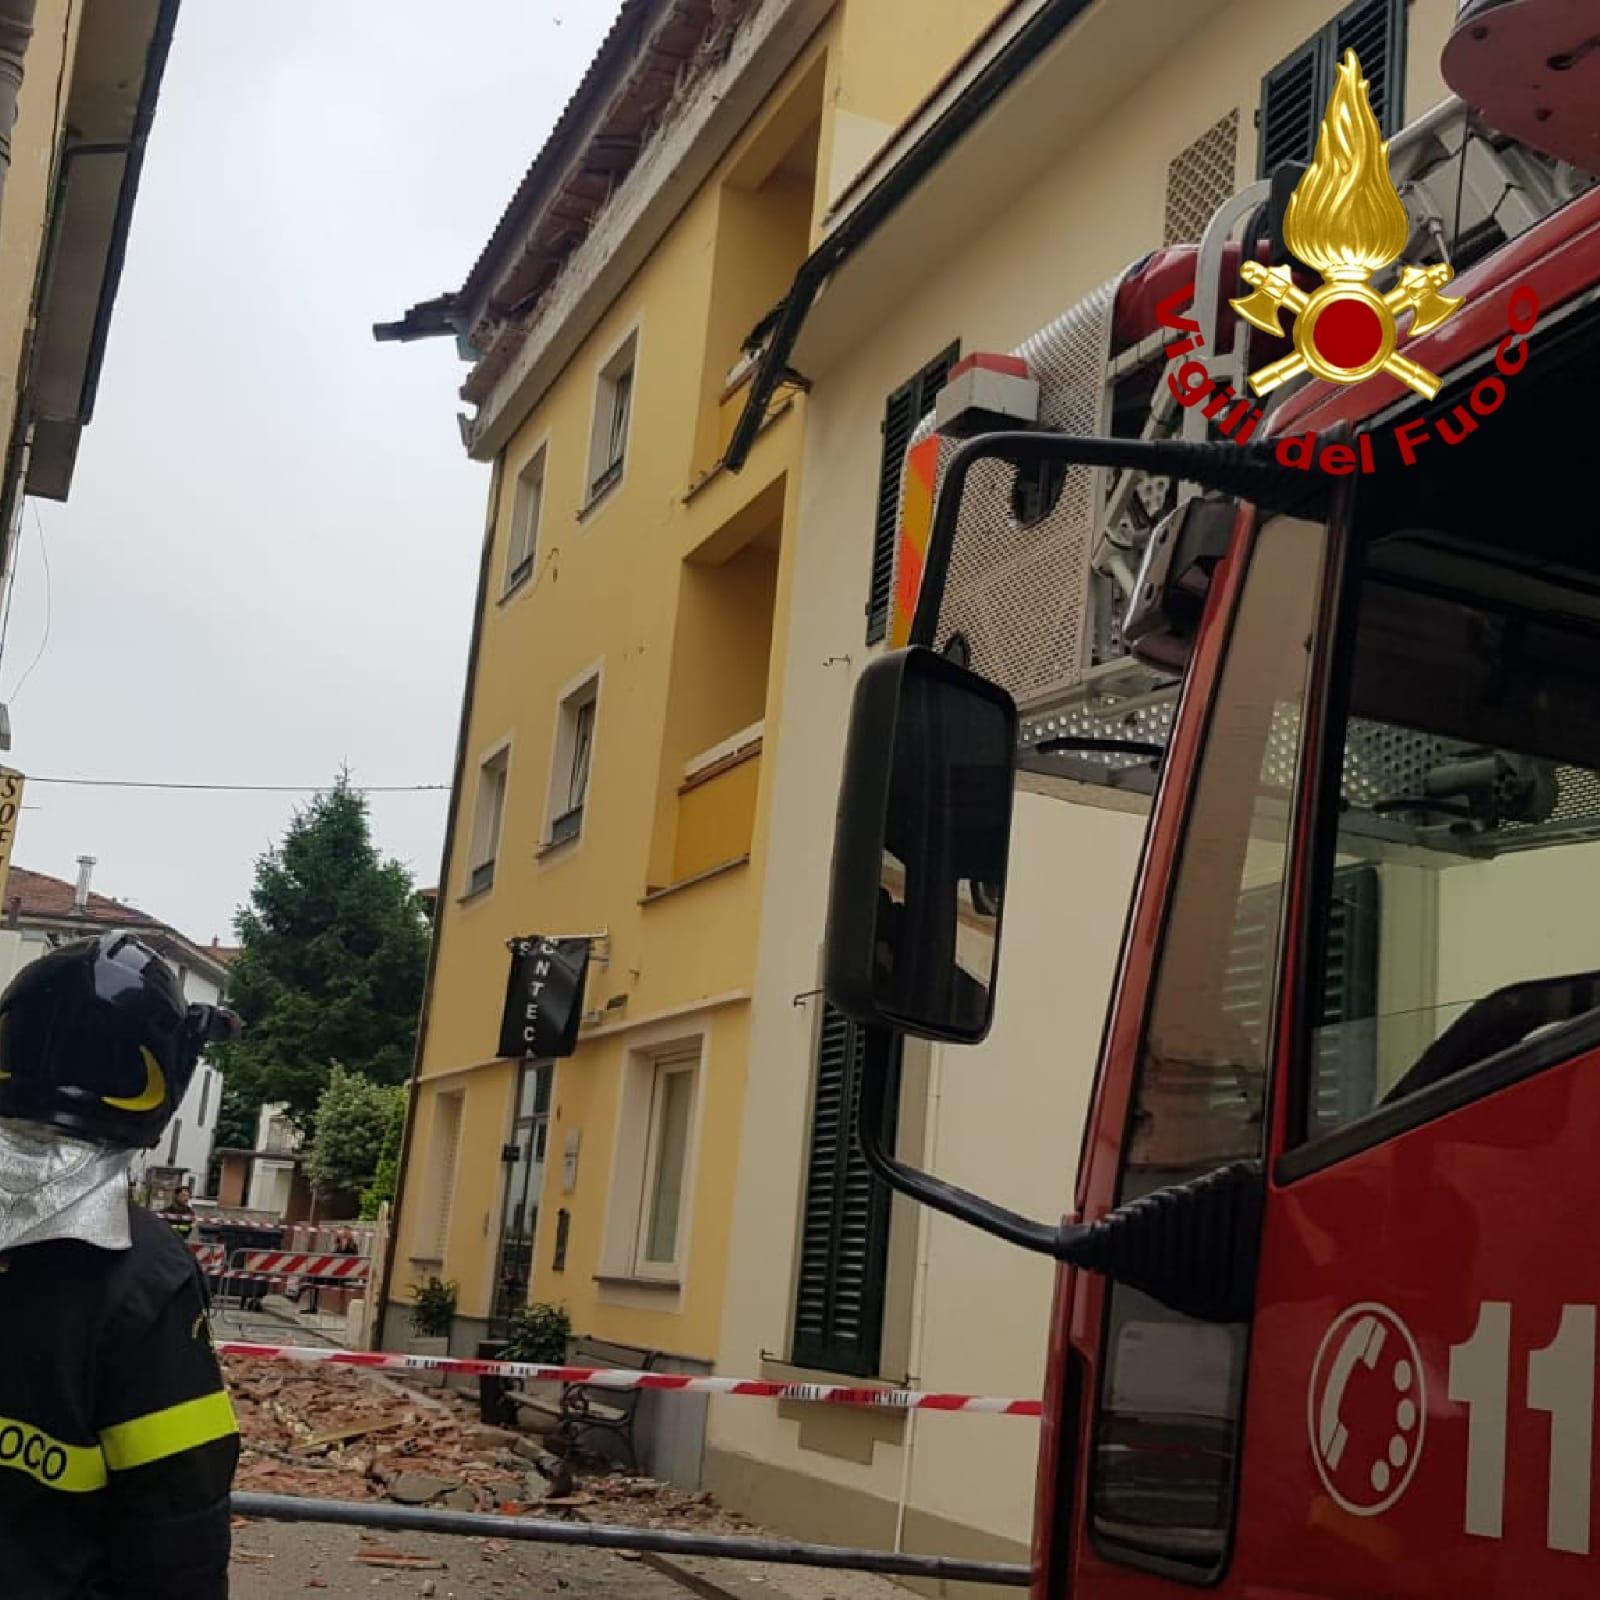 Si stacca la grondaia di un hotel, evacuati 20 clienti